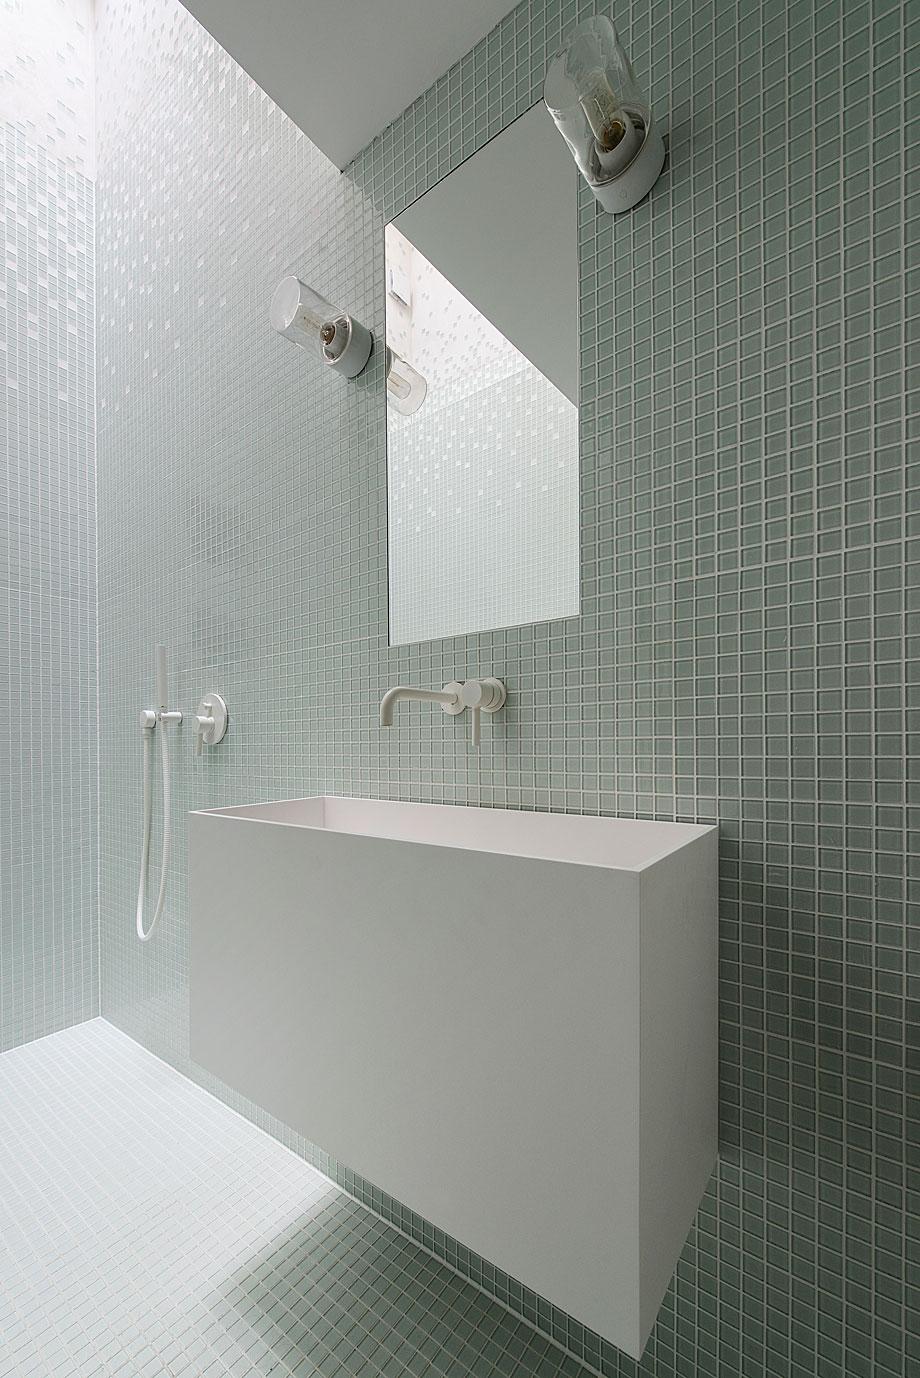 casa-mmb-asdfg-architekten-fotos-michal-pfisterer-15